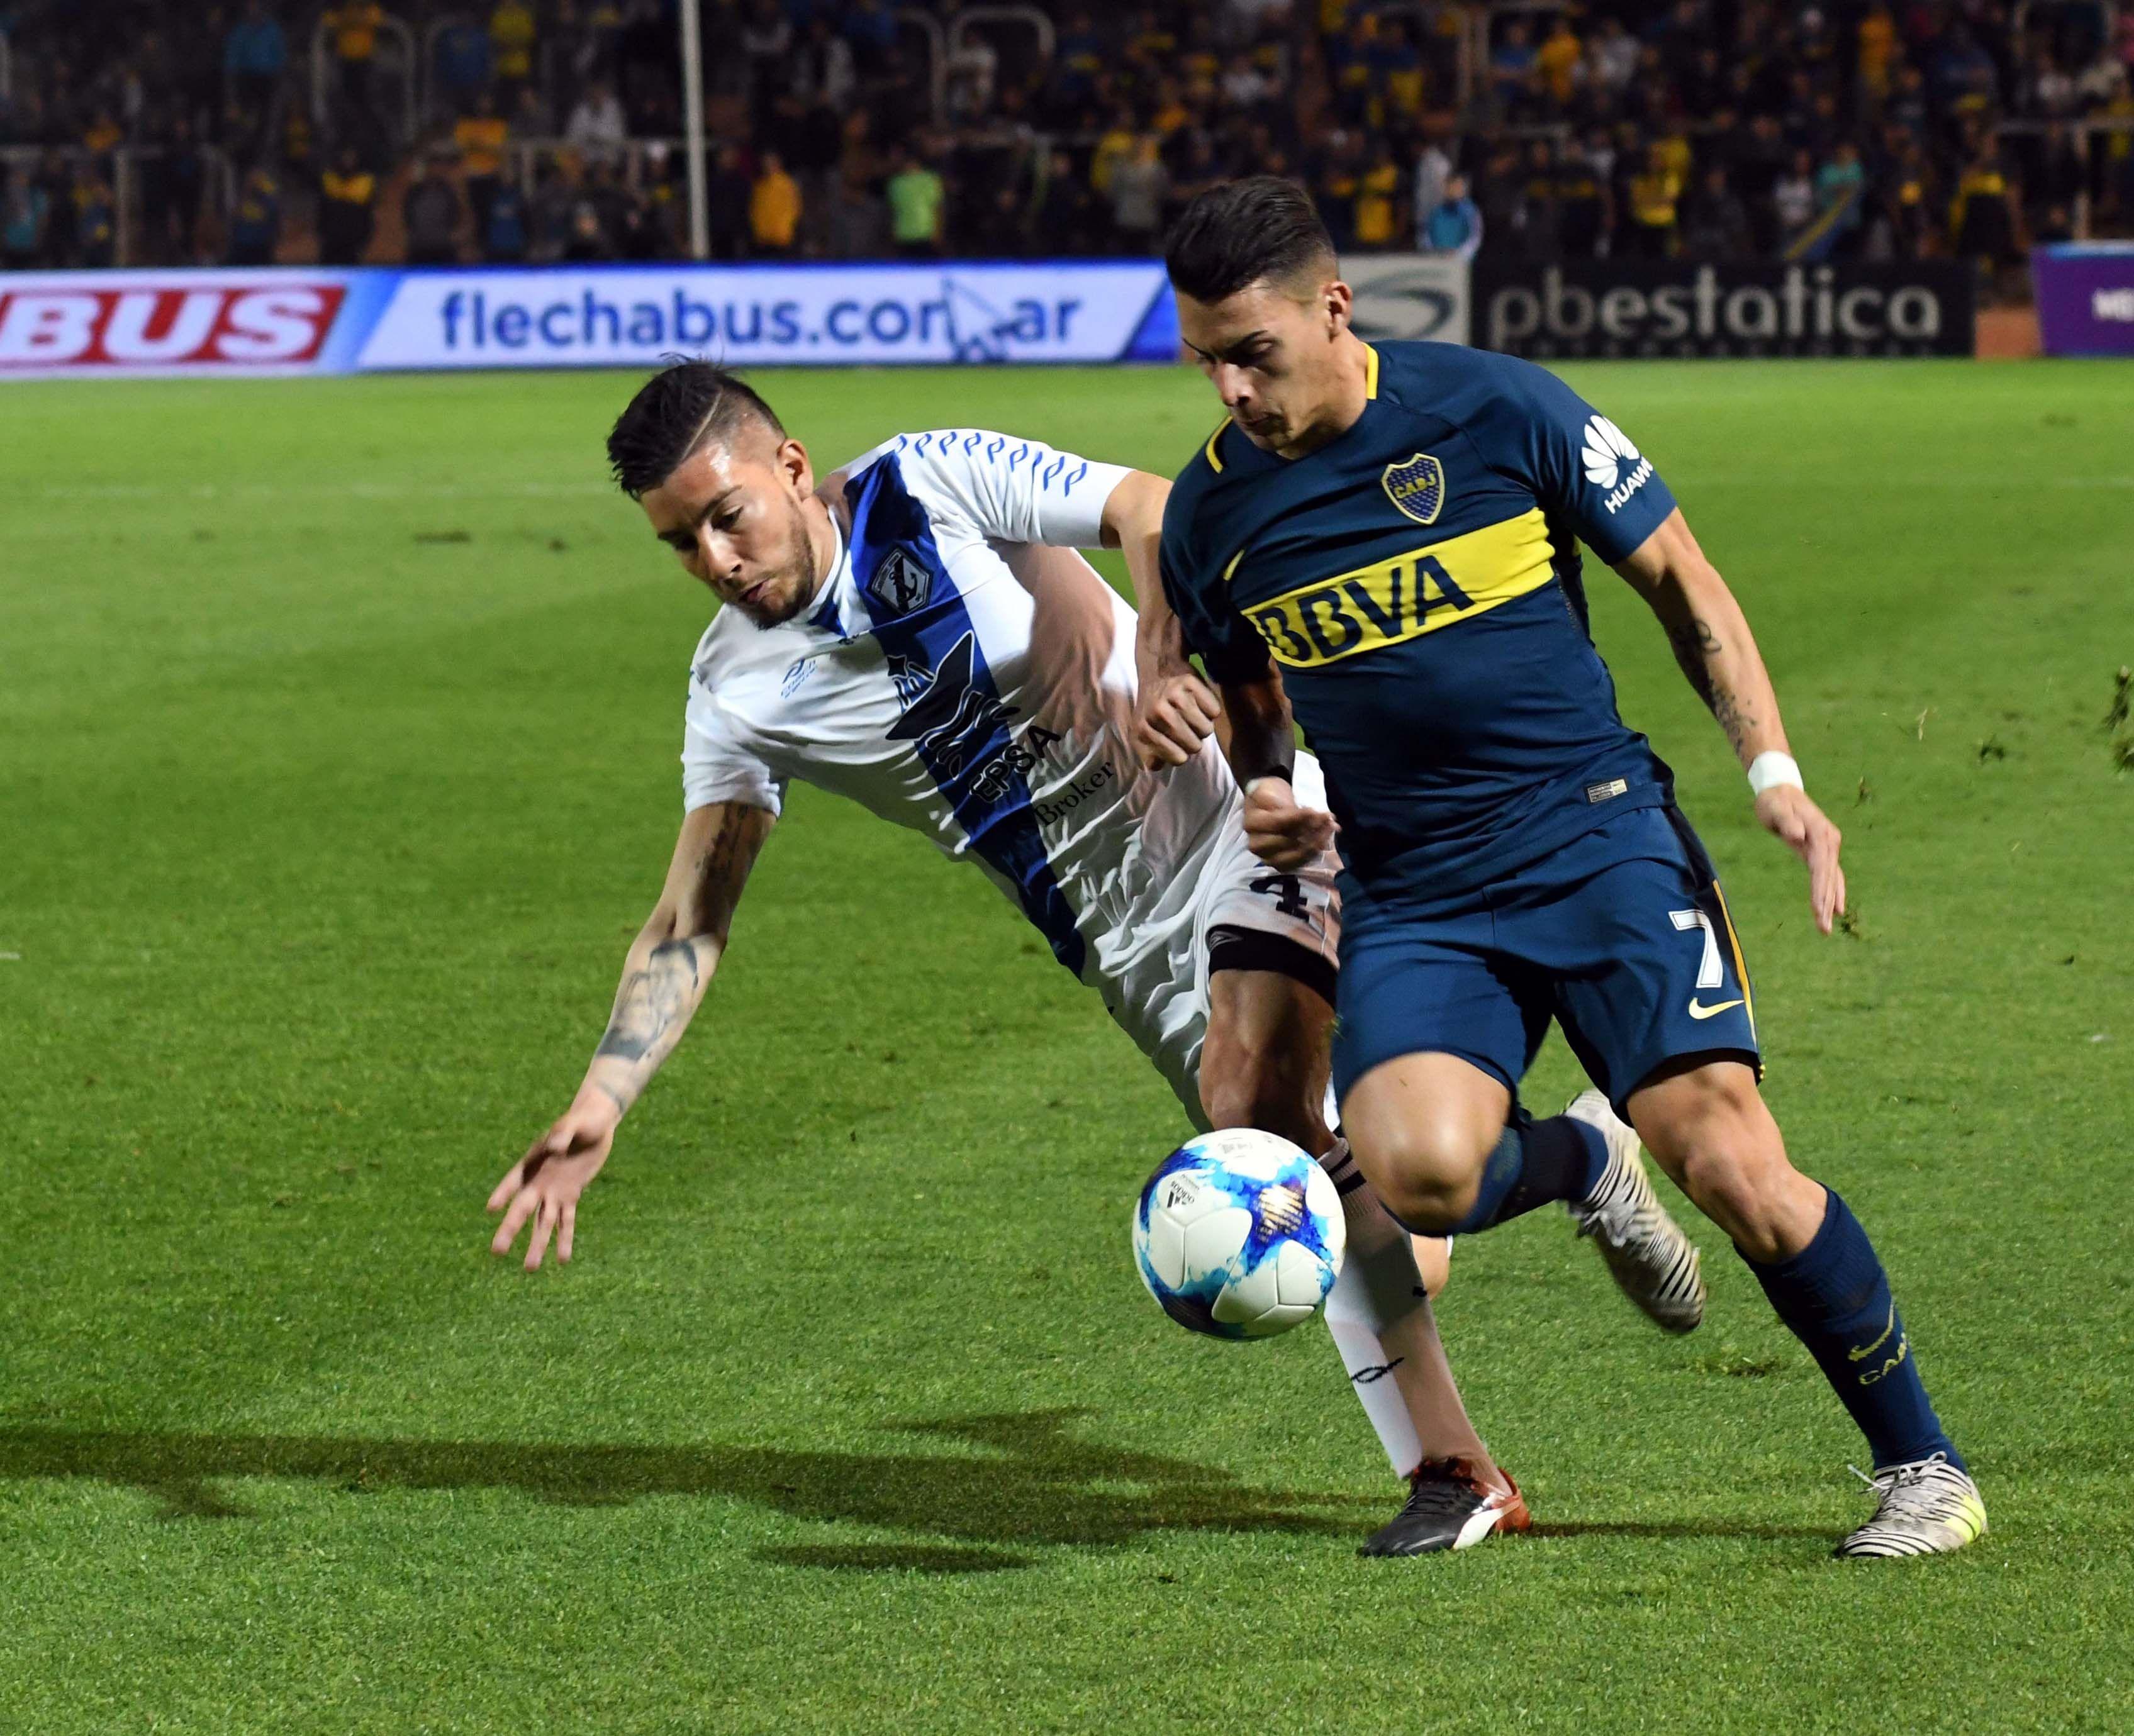 ¿Contra quién jugará Boca en octavos de final de la Copa Argentina?